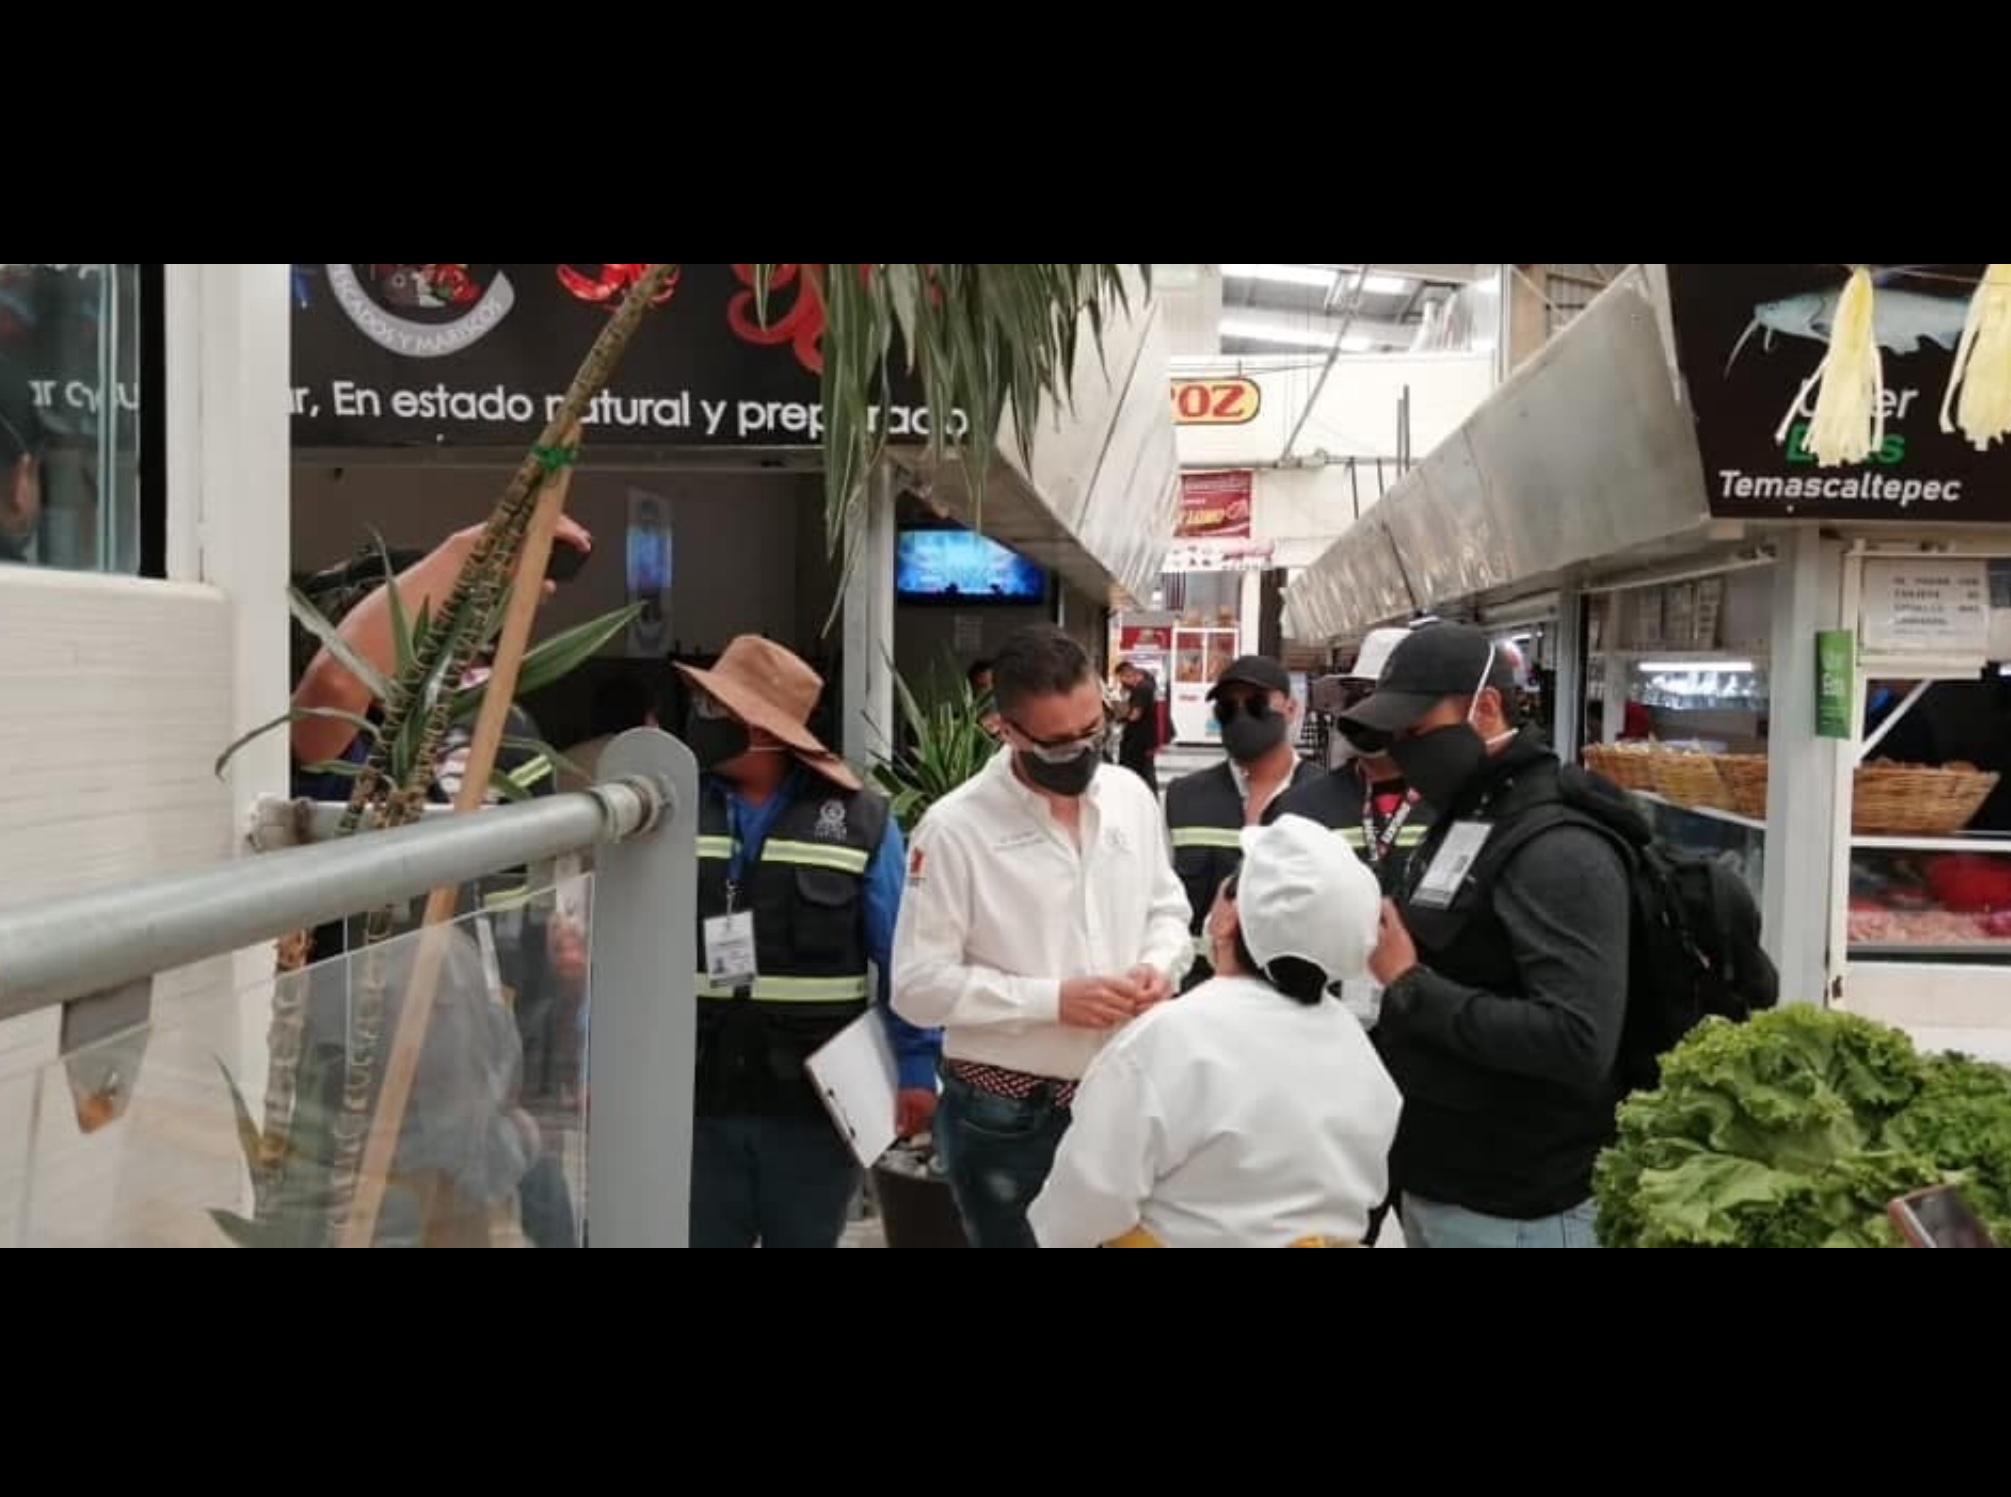 Suspendidos negocios por burlar alerta sanitaria en Toluca